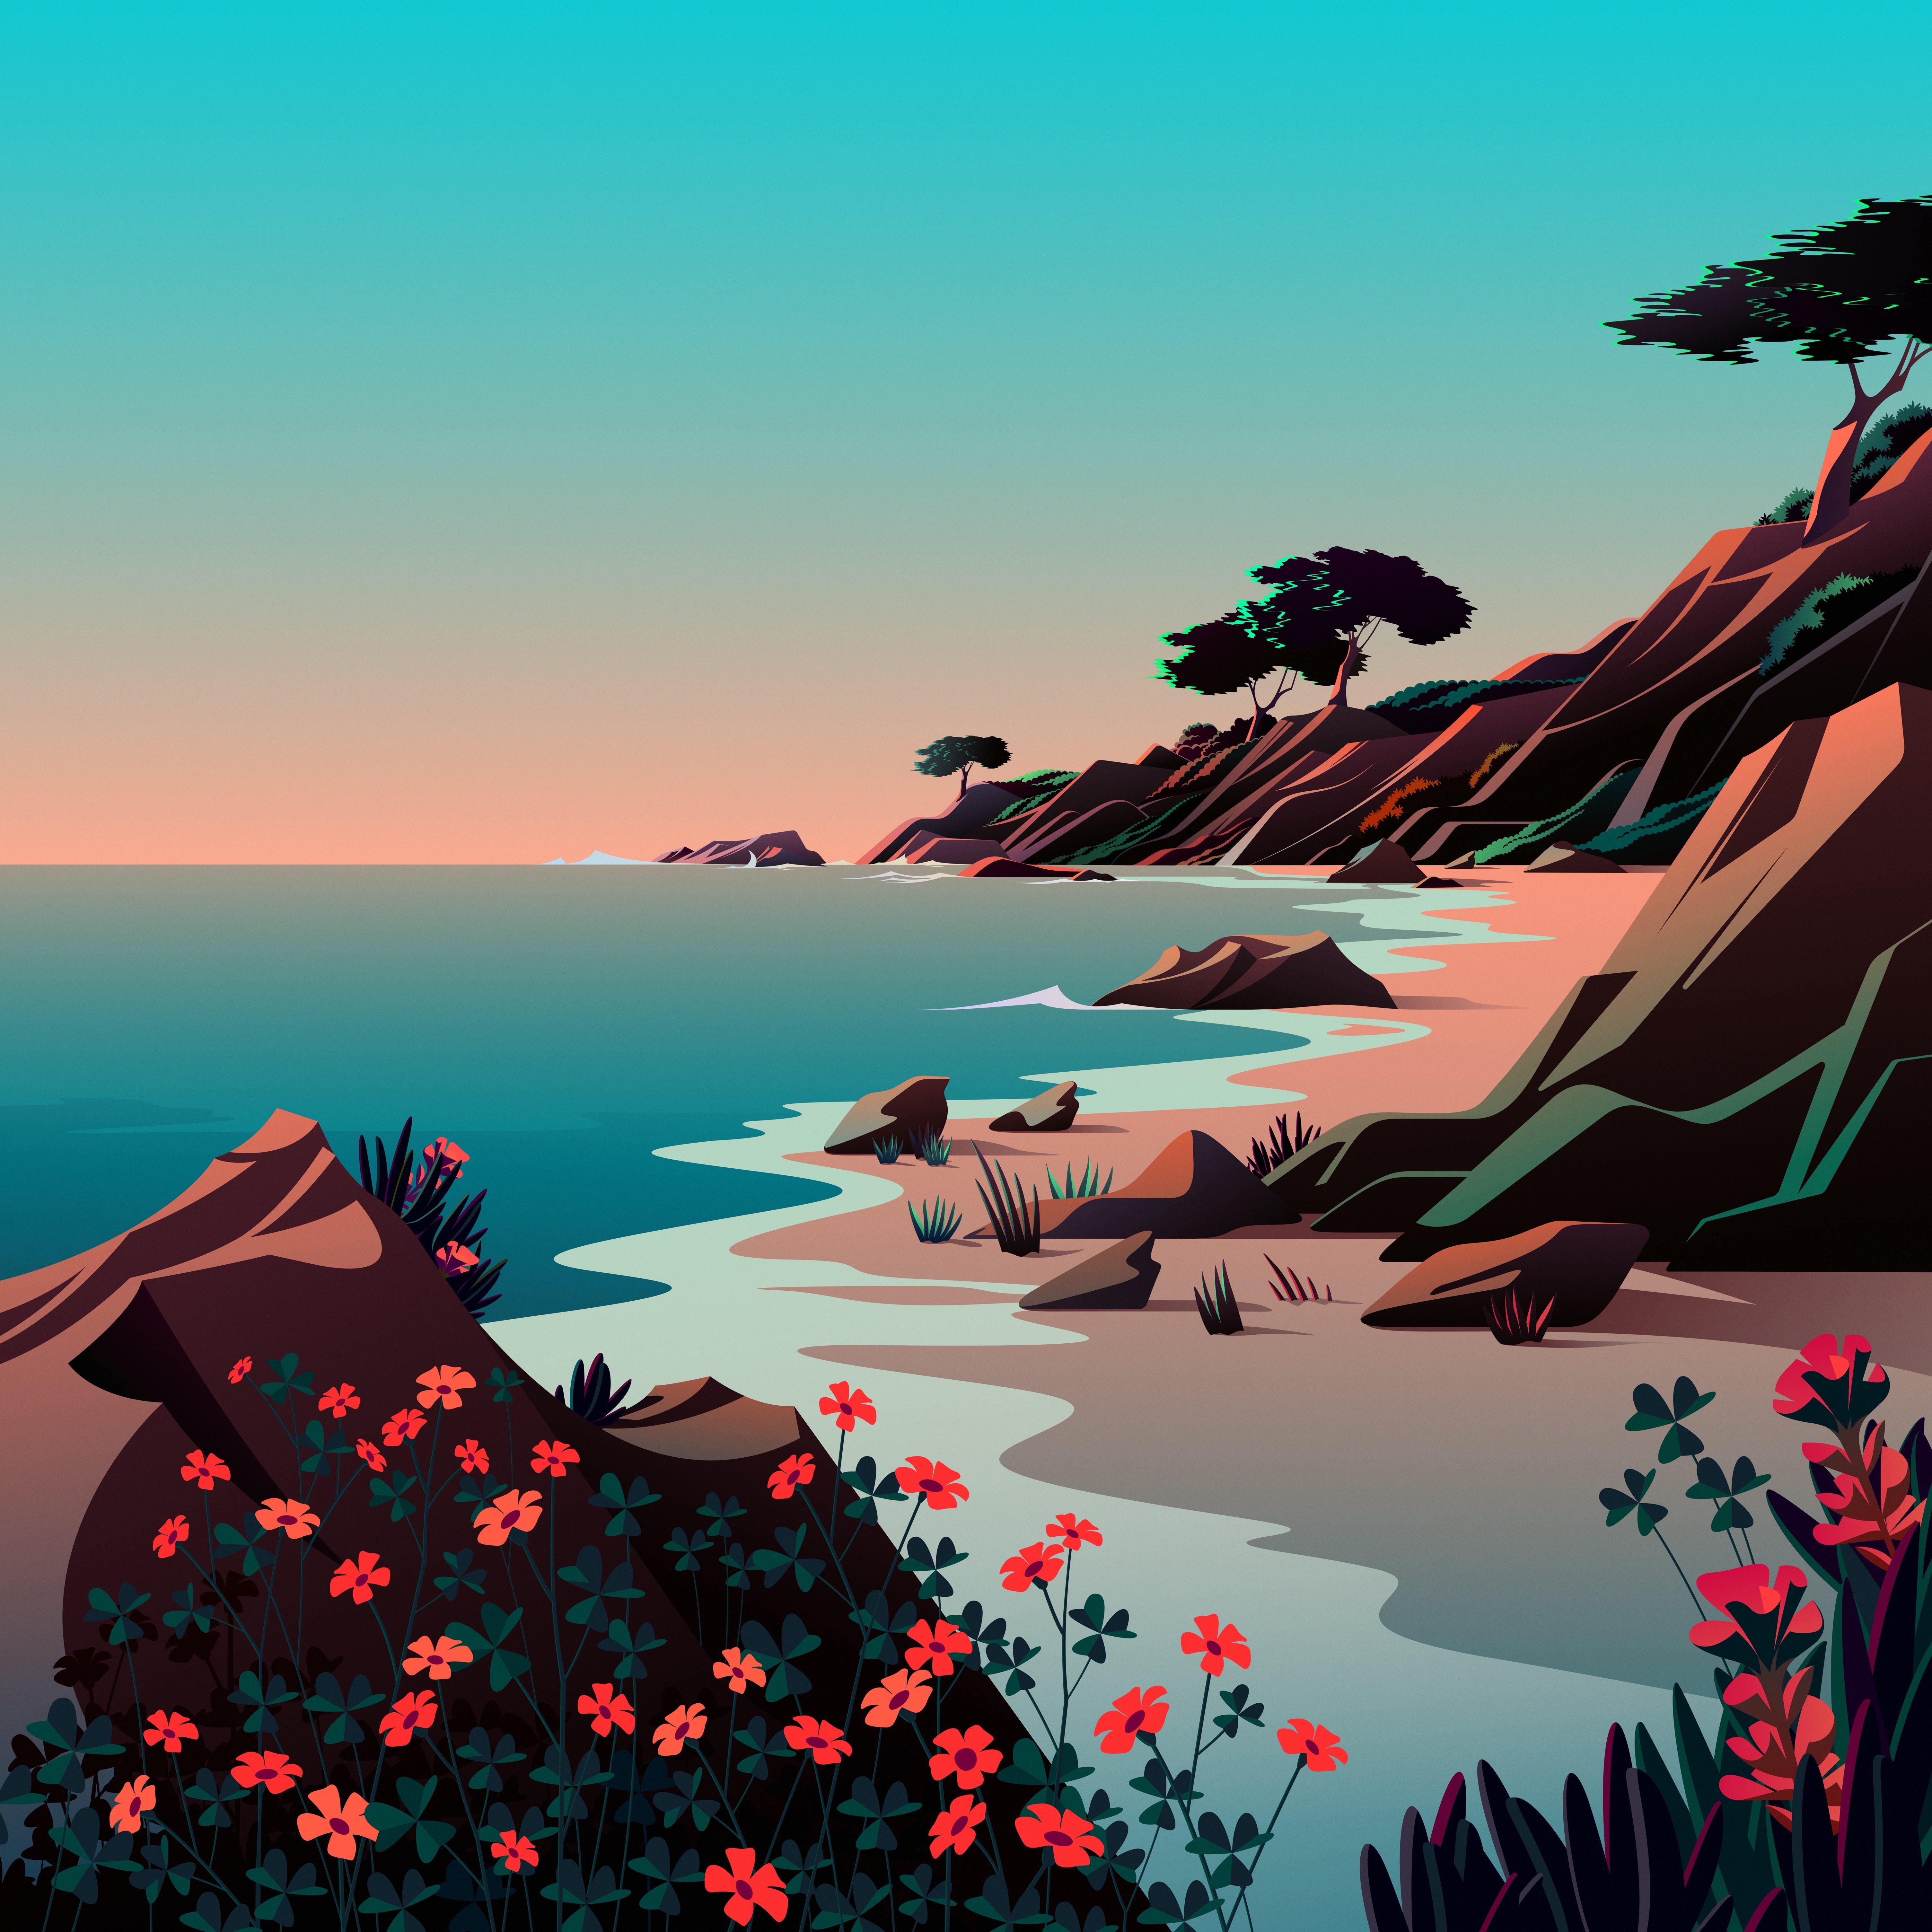 macOS Big Sur The Beach 1 dragged